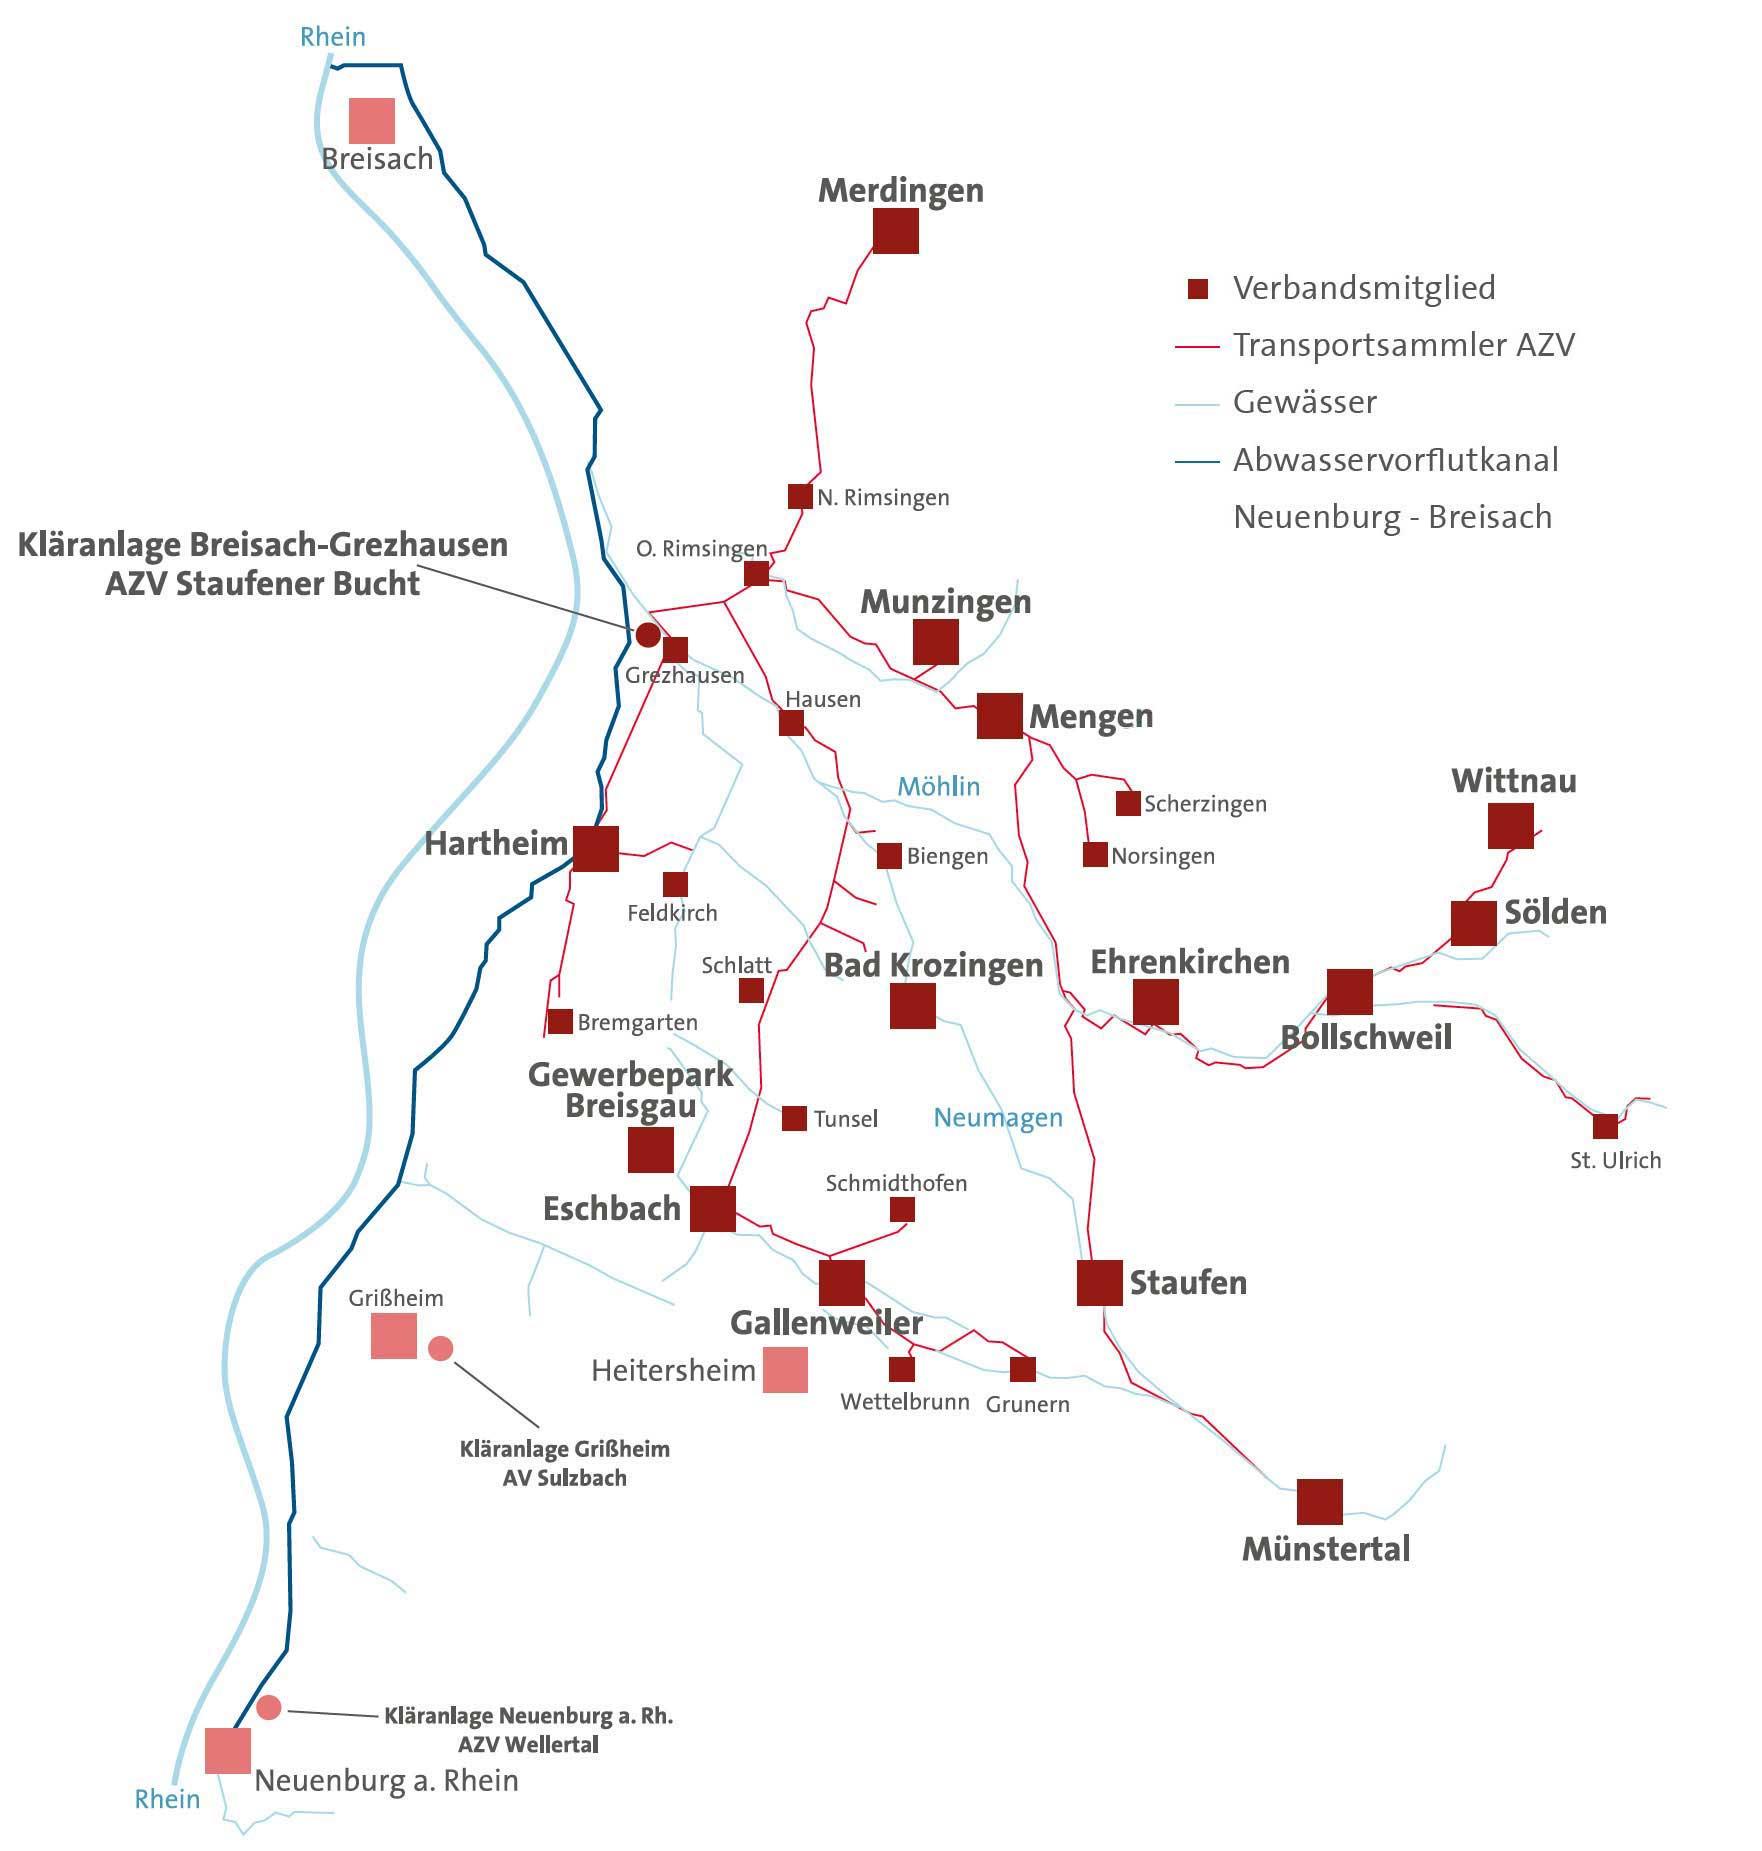 Das AZV-Verbandsnetz